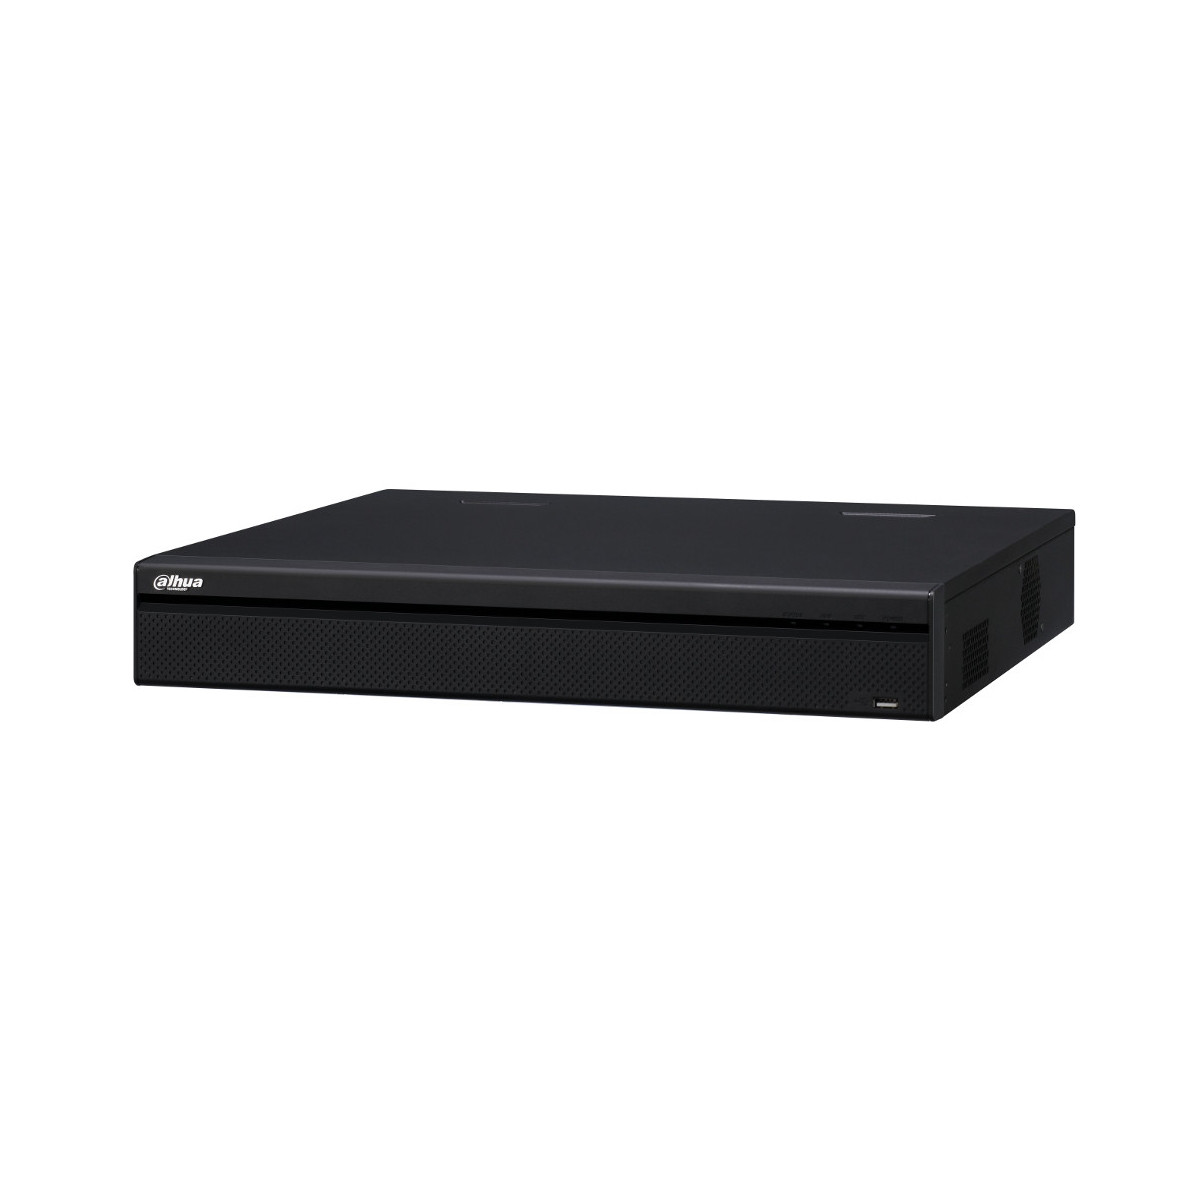 Видеорегистратор NVR5416-4KS2 Dahua Technology